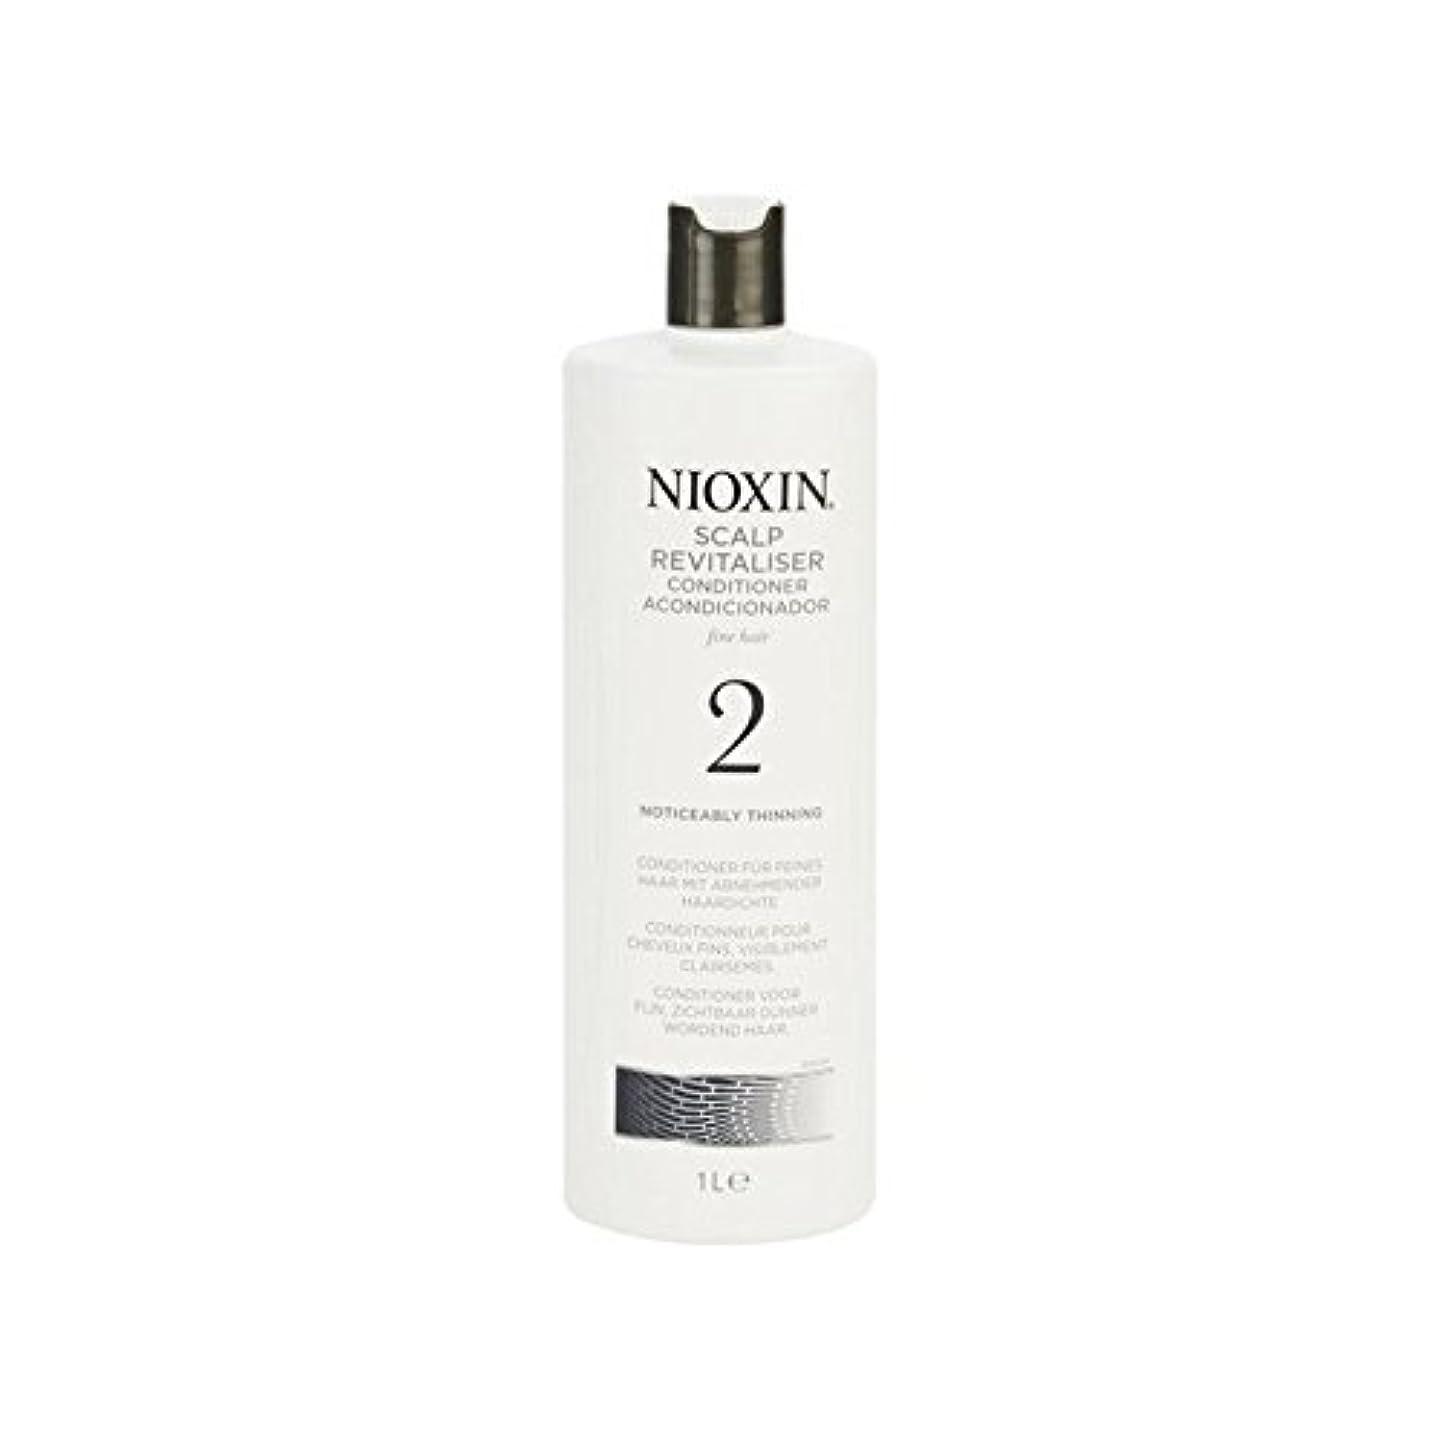 引くジョージハンブリーオフェンス著しく間伐自然な髪千ミリリットルのためのニオキシンシステム2頭皮コンディショナー x2 - Nioxin System 2 Scalp Revitaliser Conditioner For Noticeably Thinning...